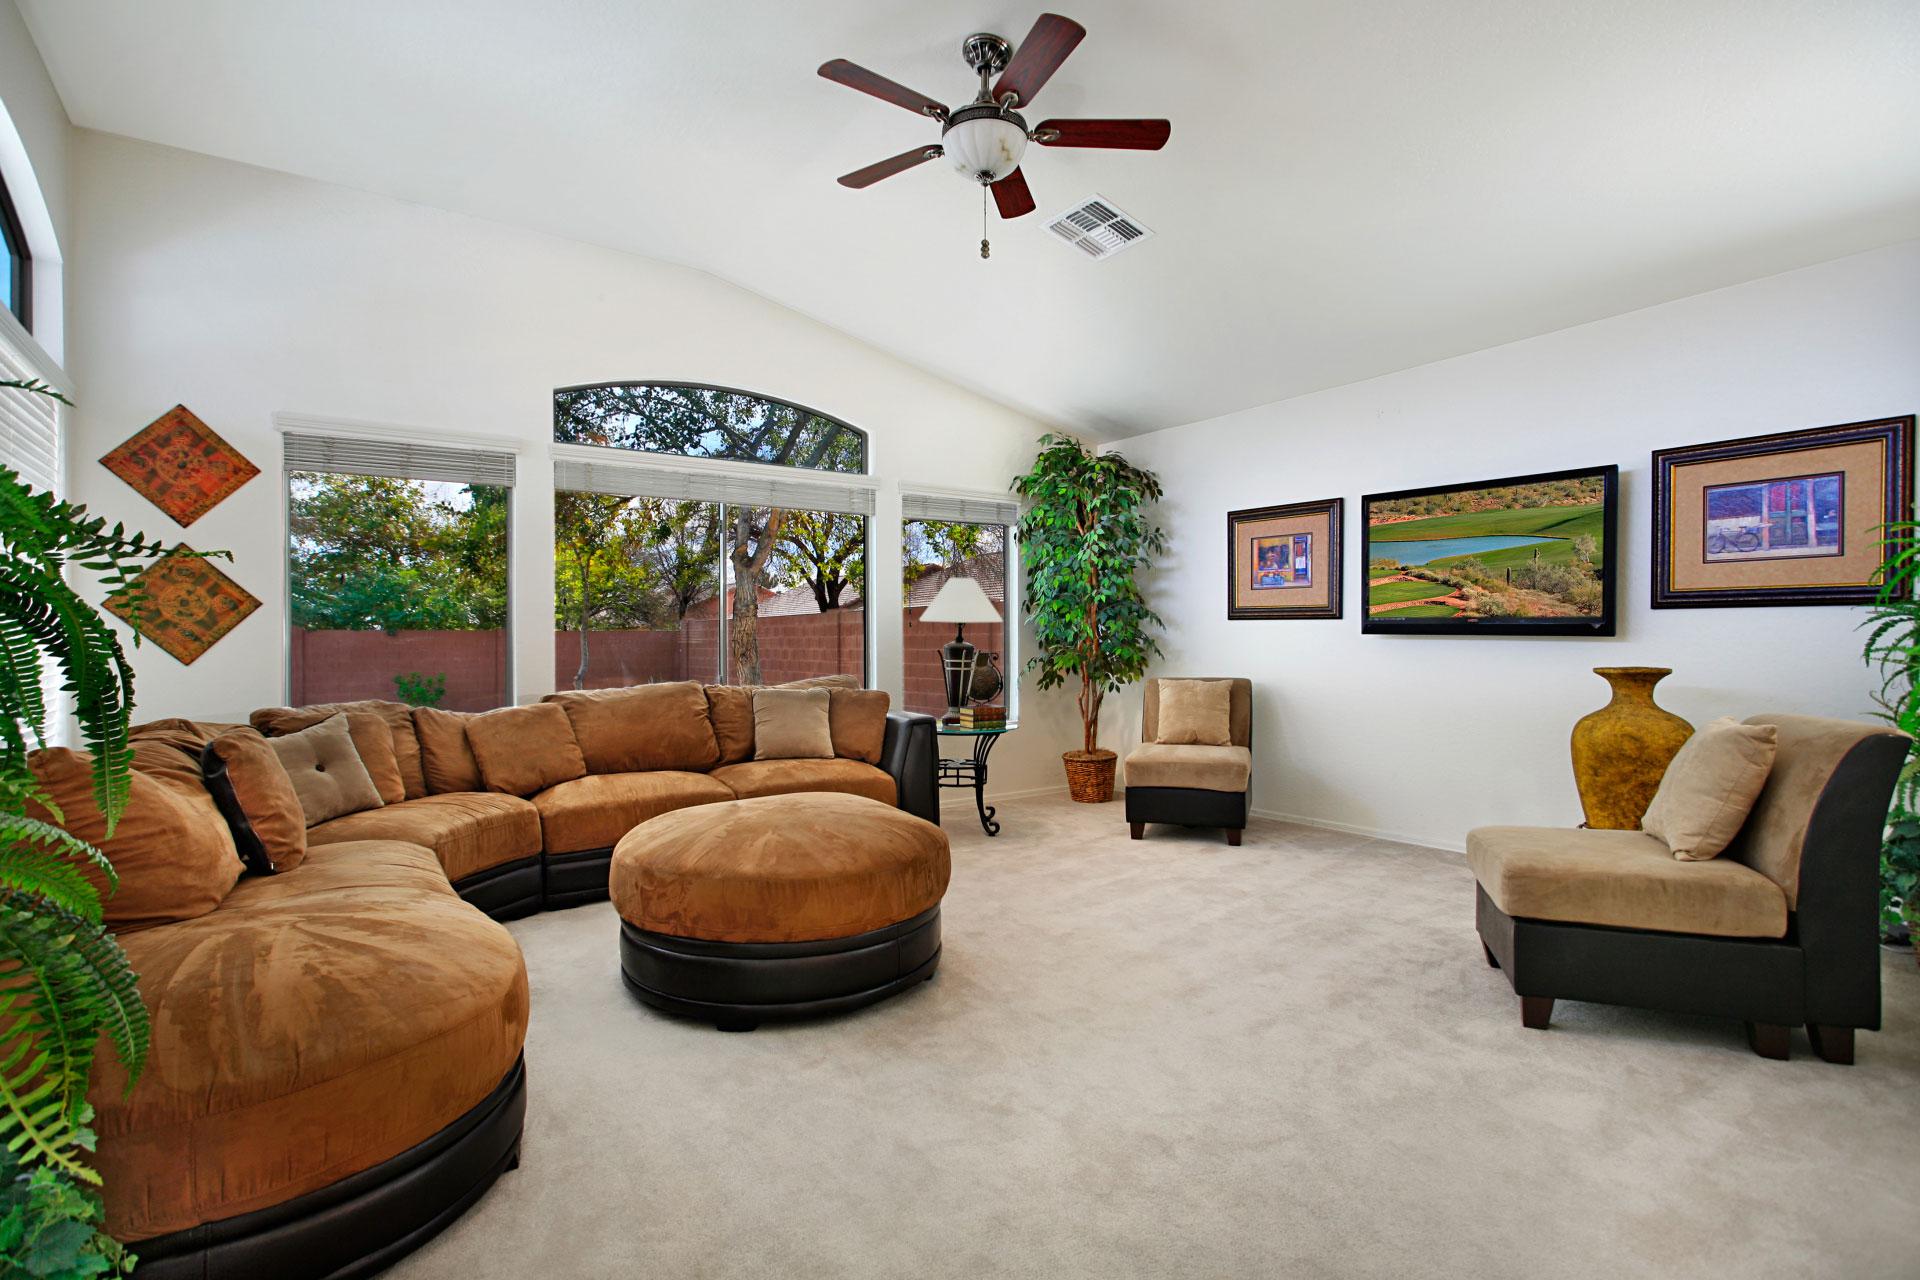 Glendale Home